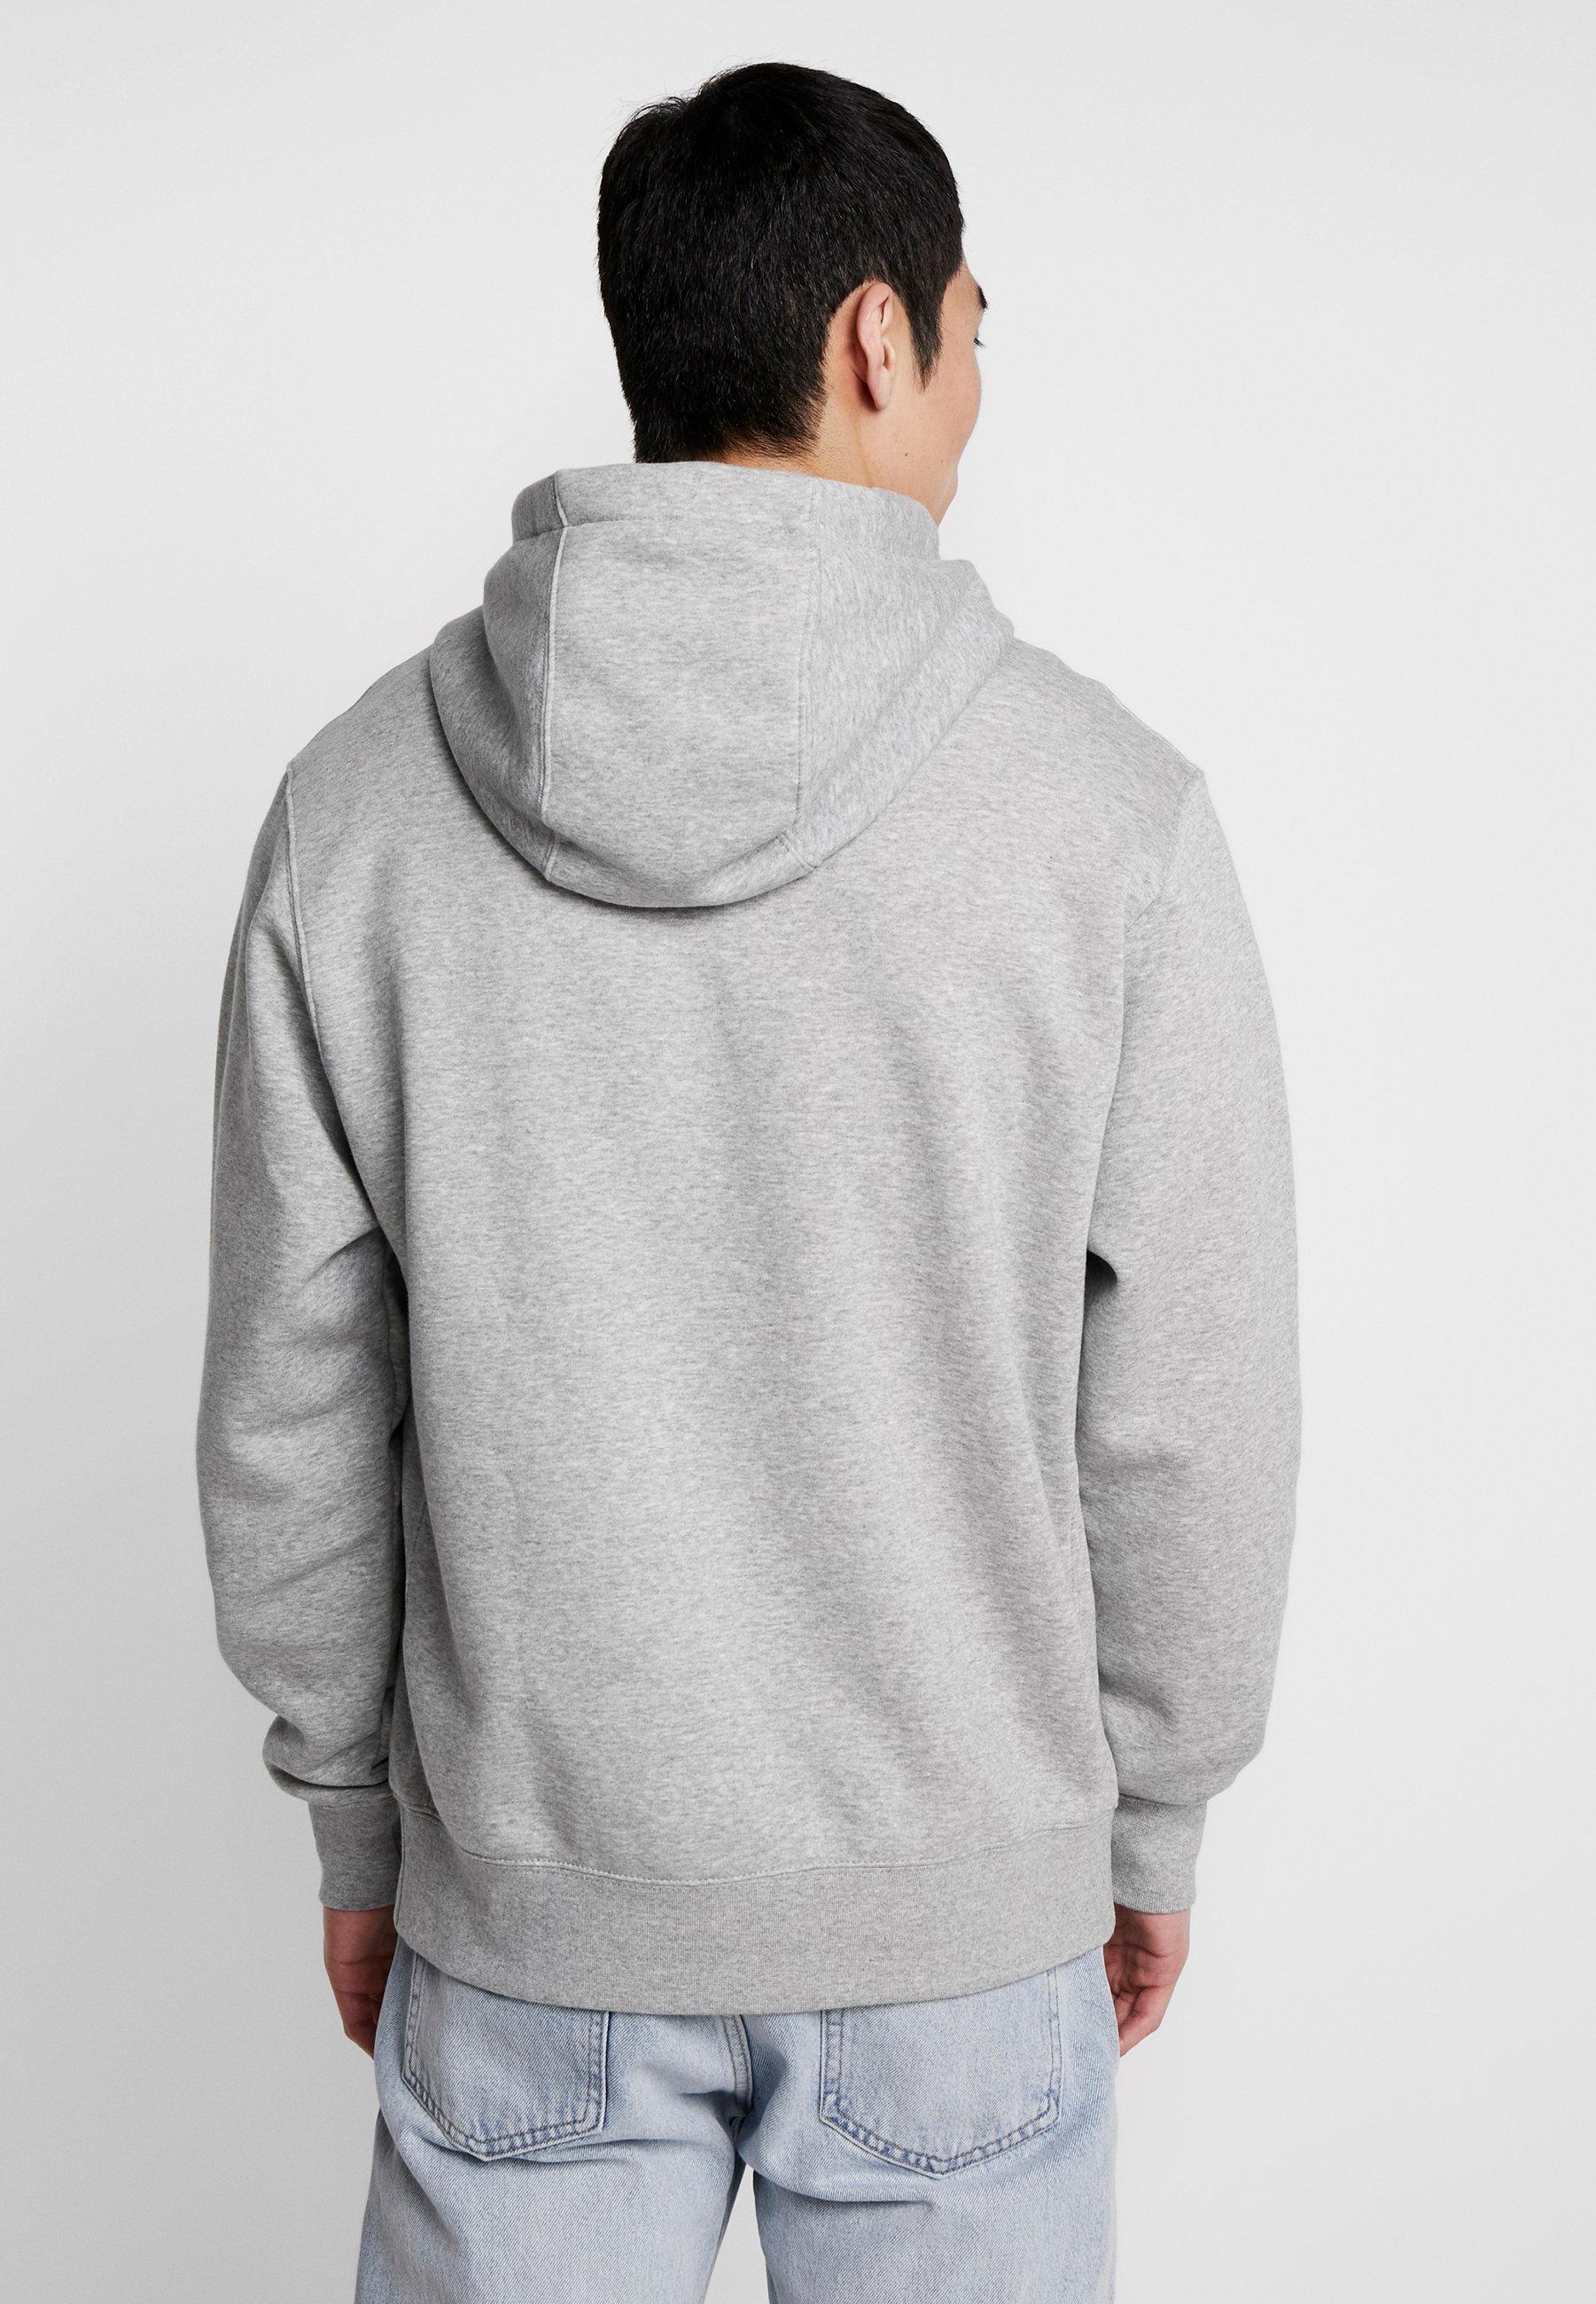 Club Hoodie Hættetrøjer grey heathermatte silverwhite